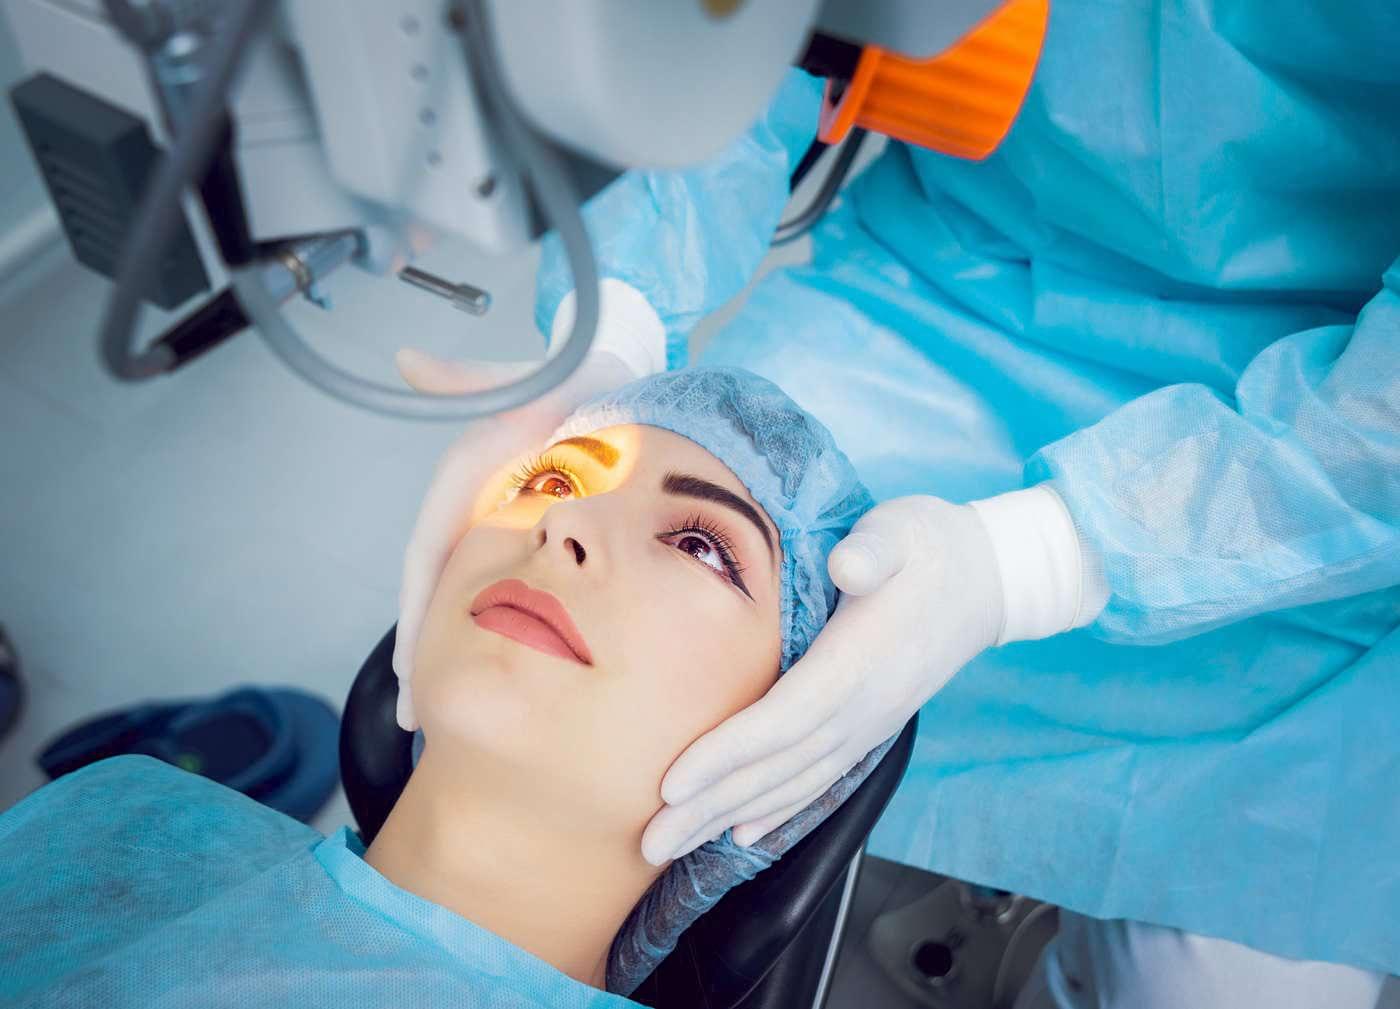 operați asupra vederii exercițiu de vedere pentru relaxare